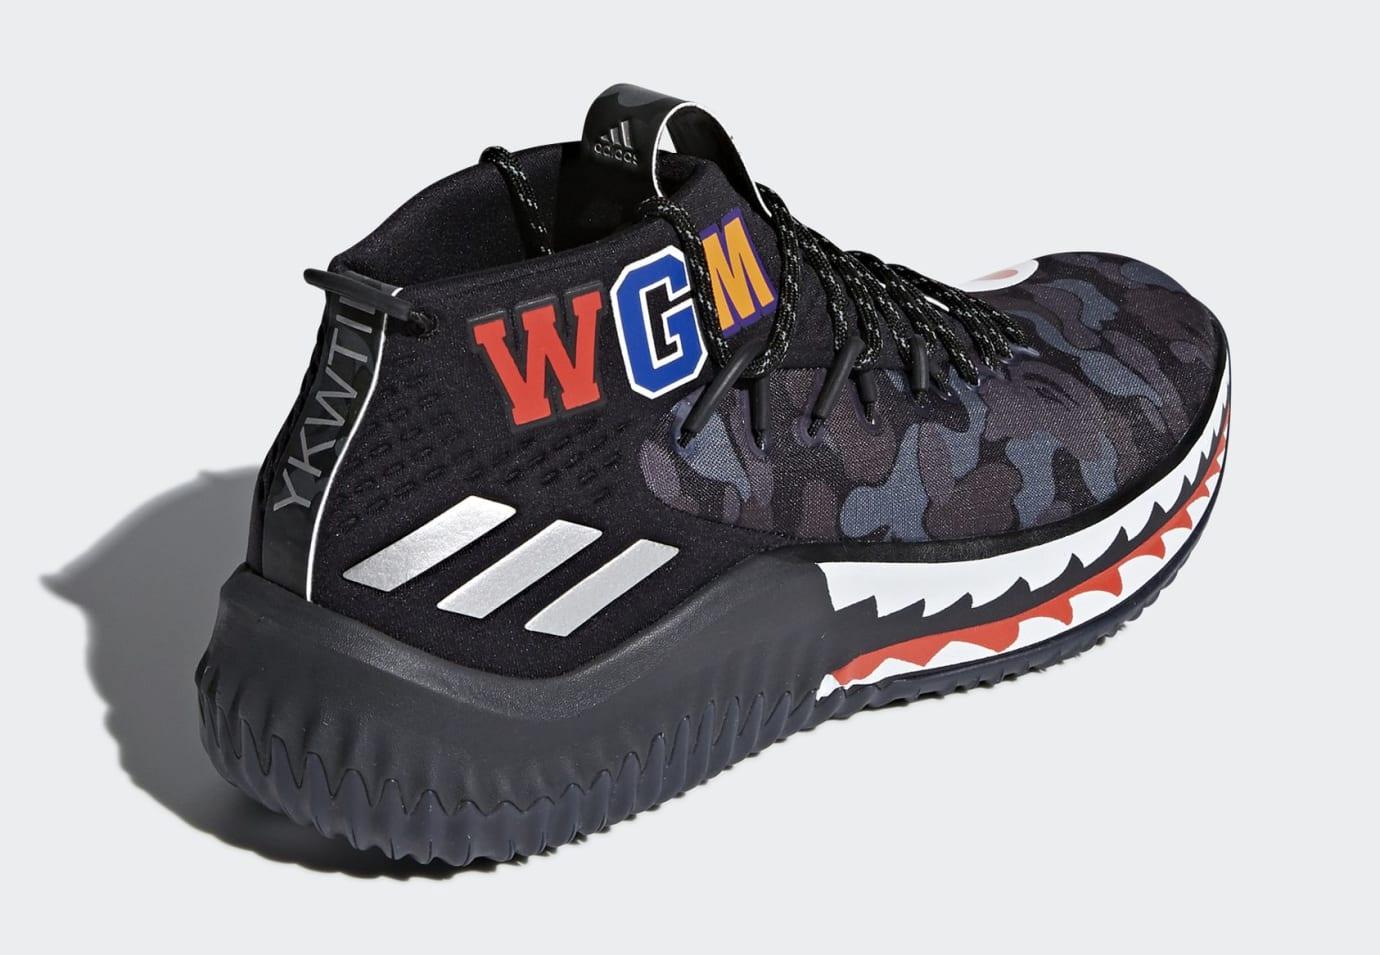 best website baf1a a141b Image via Adidas BAPE x Adidas Dame 4  Black Camo  AP9975 (Heel)